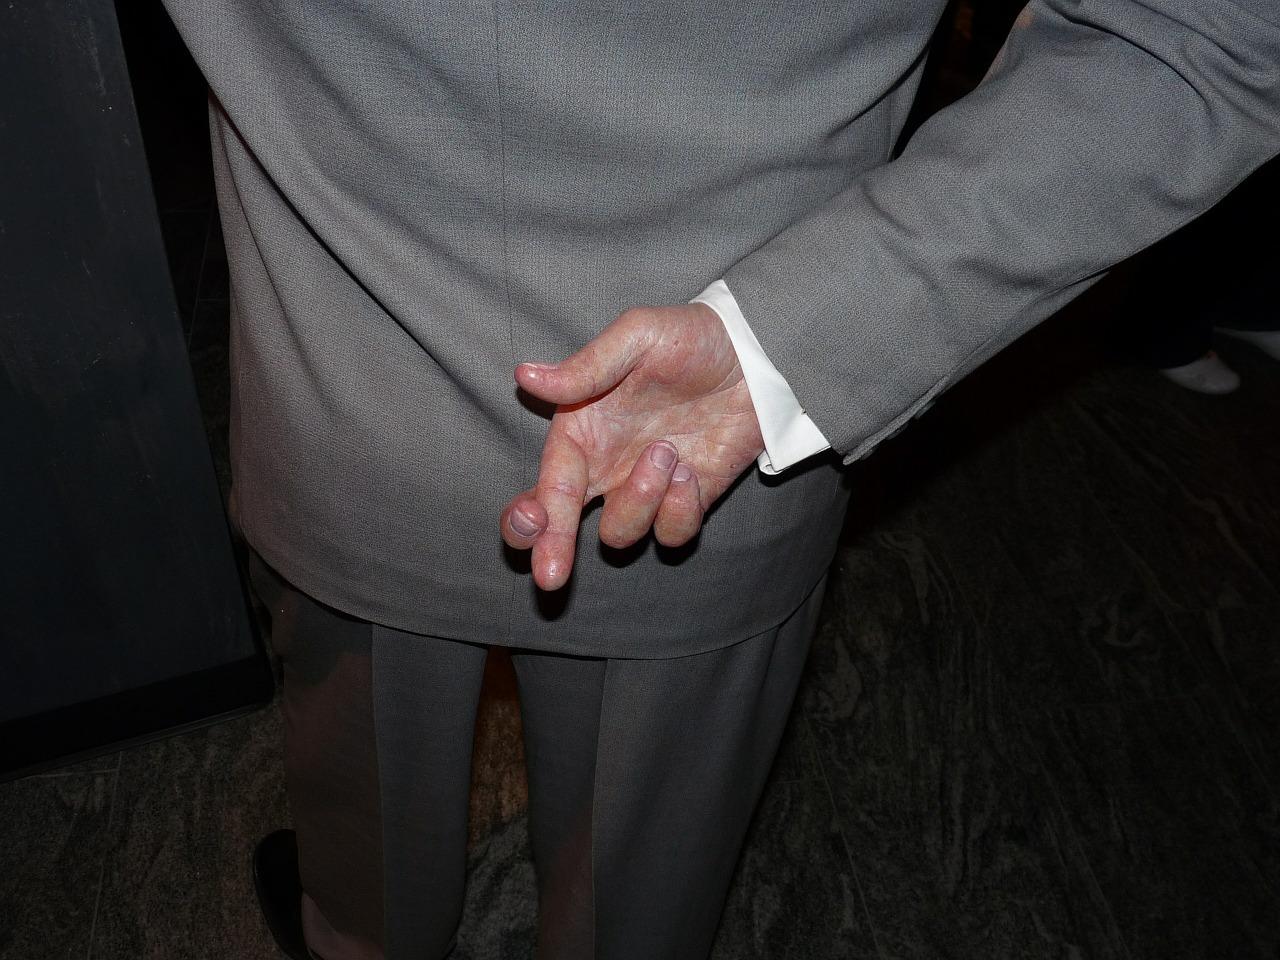 crossed-fingers-363478_1280.jpg